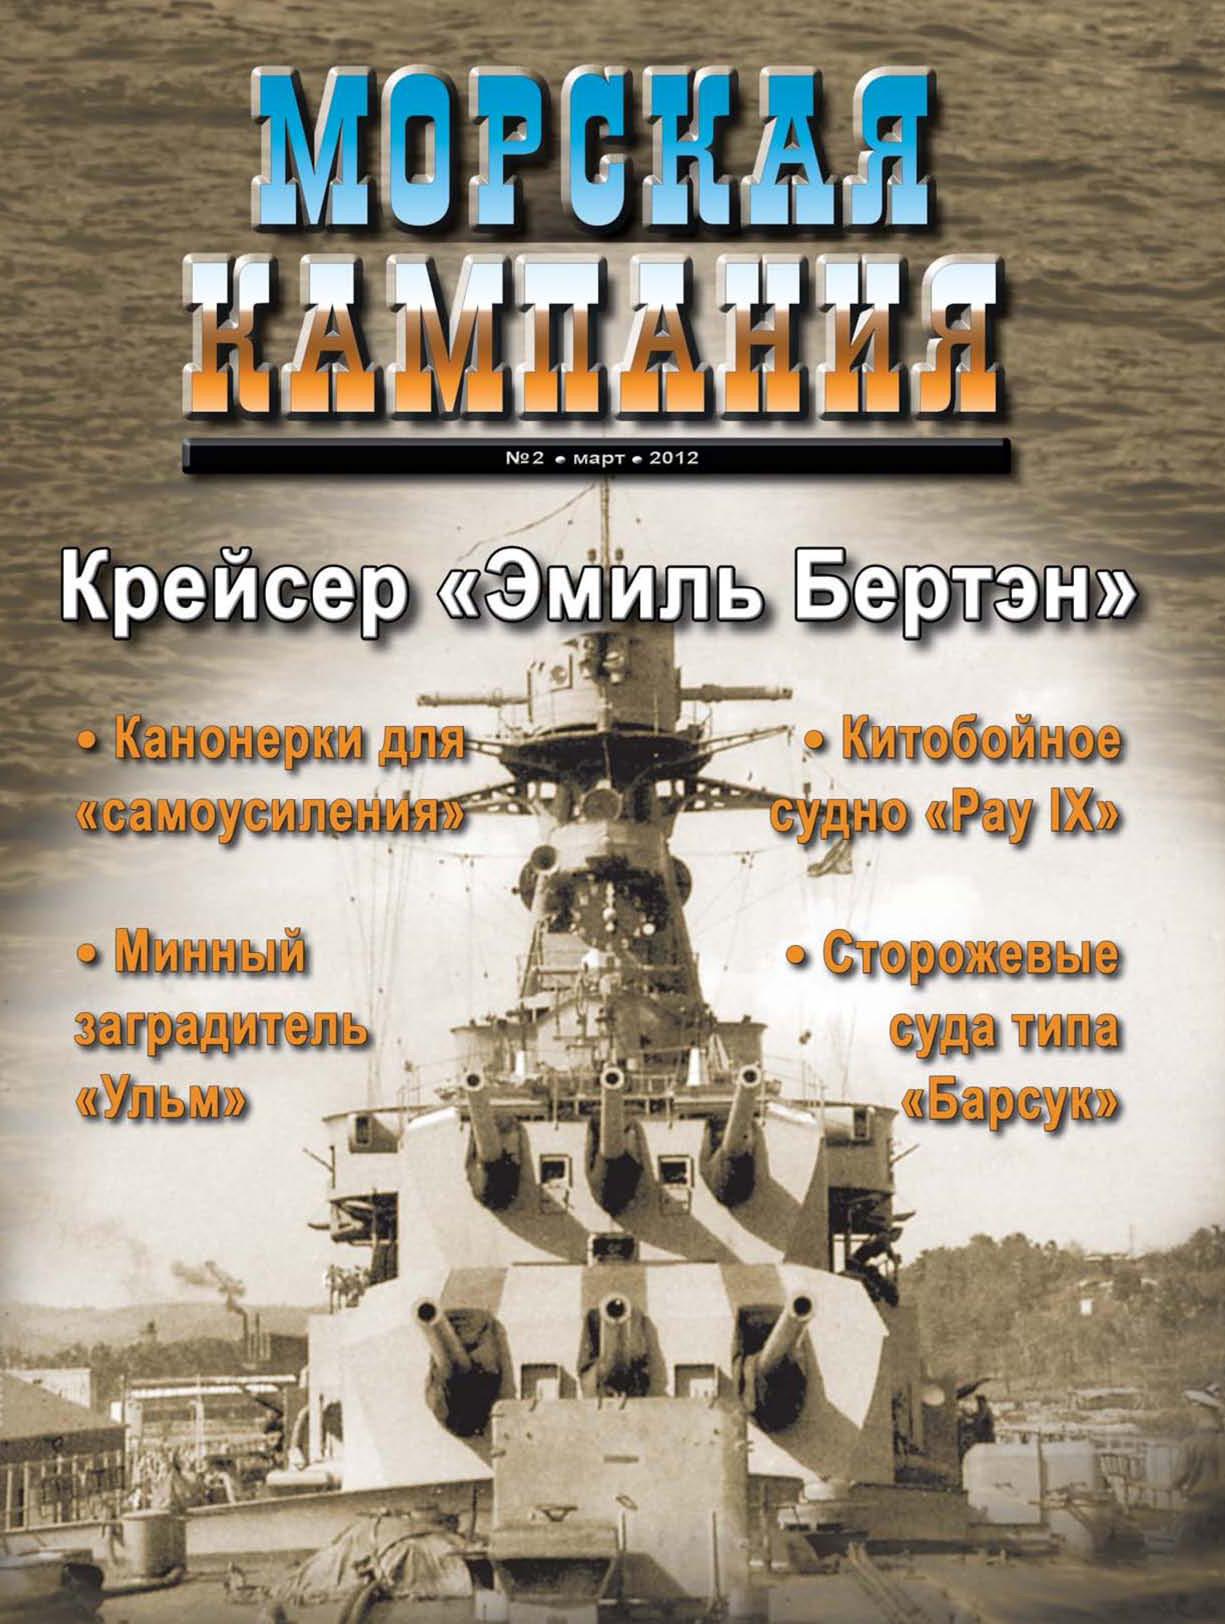 Морская кампания № 02/2012 ( Отсутствует  )